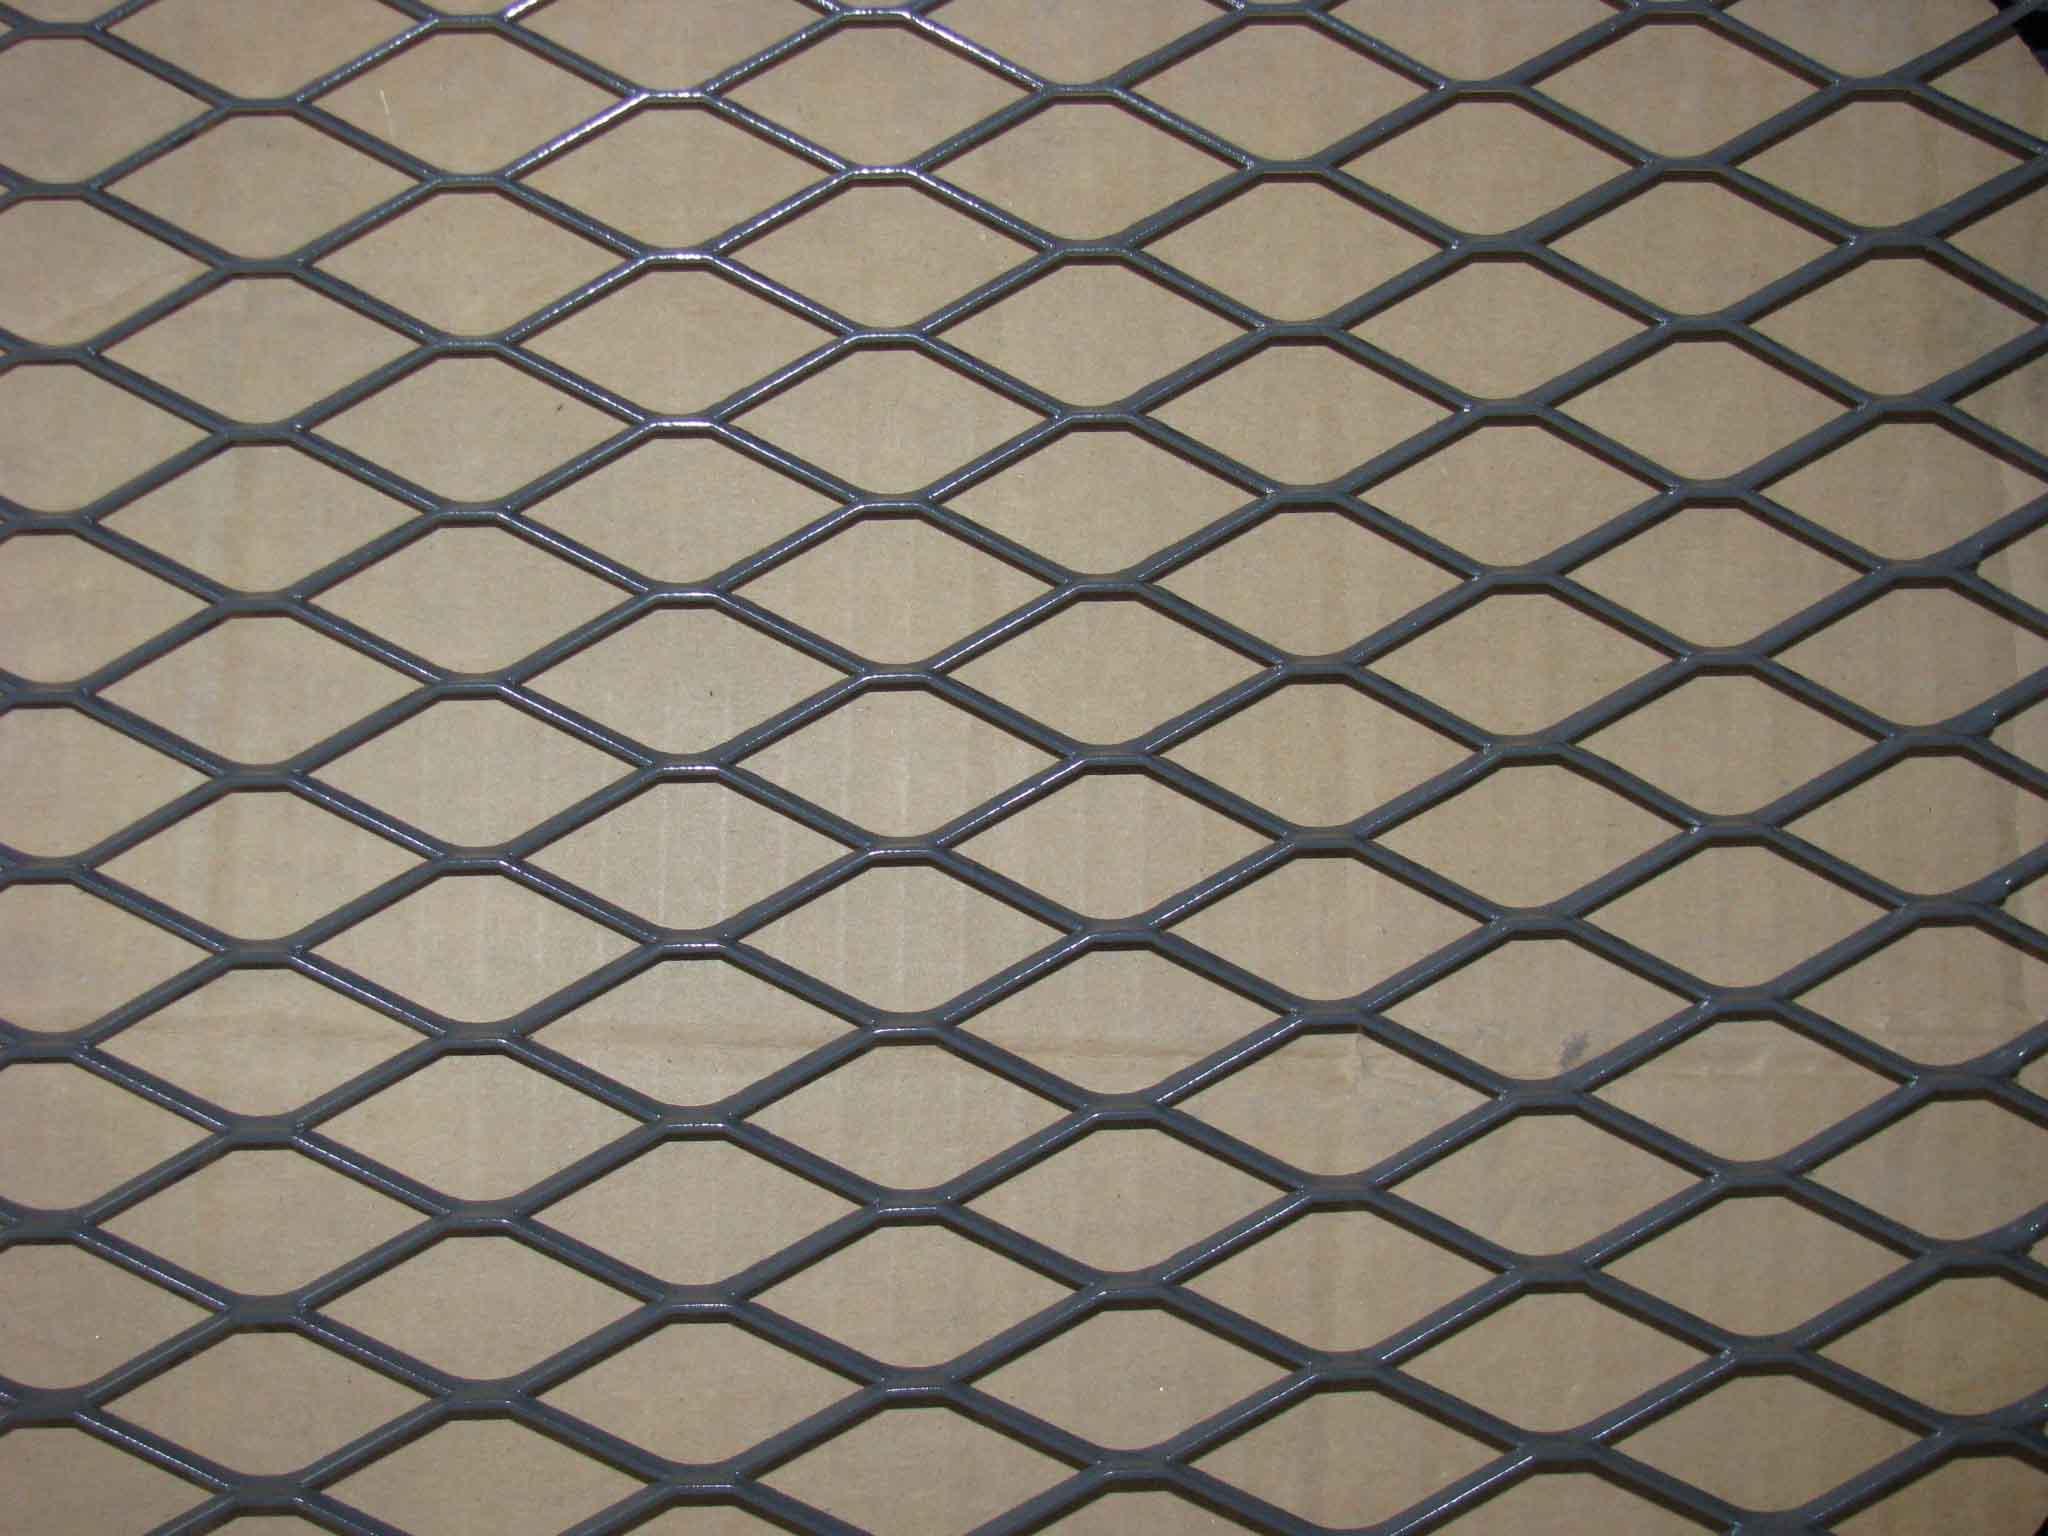 钢板网图片 钢板网样板图 钢板网效果图 河北省衡水市安平县跃源丝网制品厂